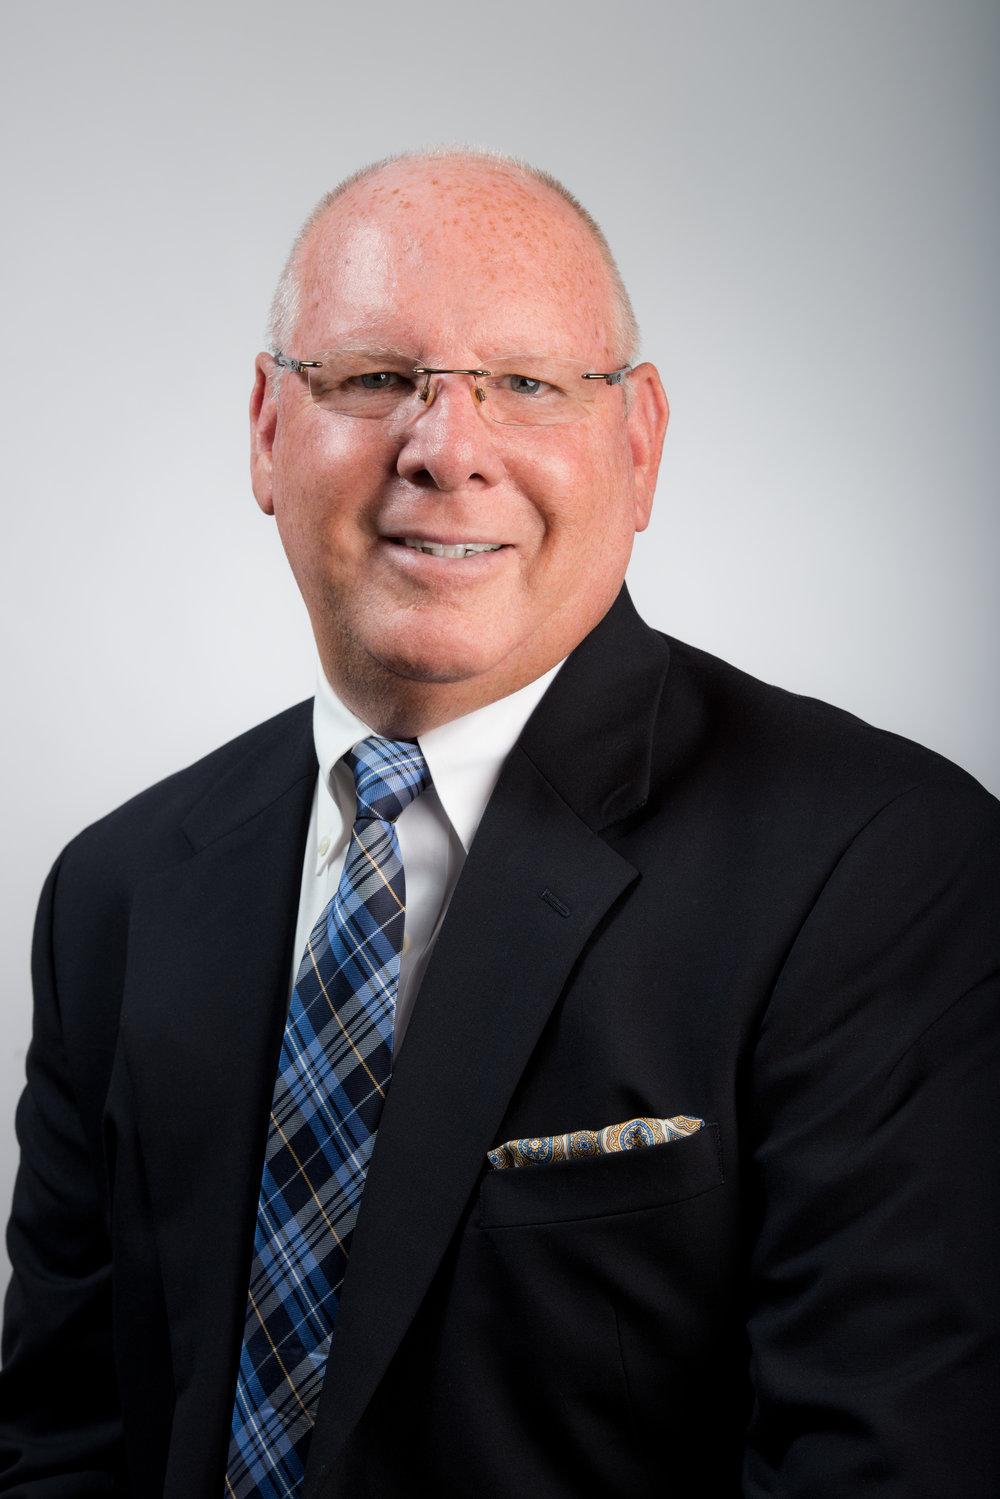 Gary Wittman